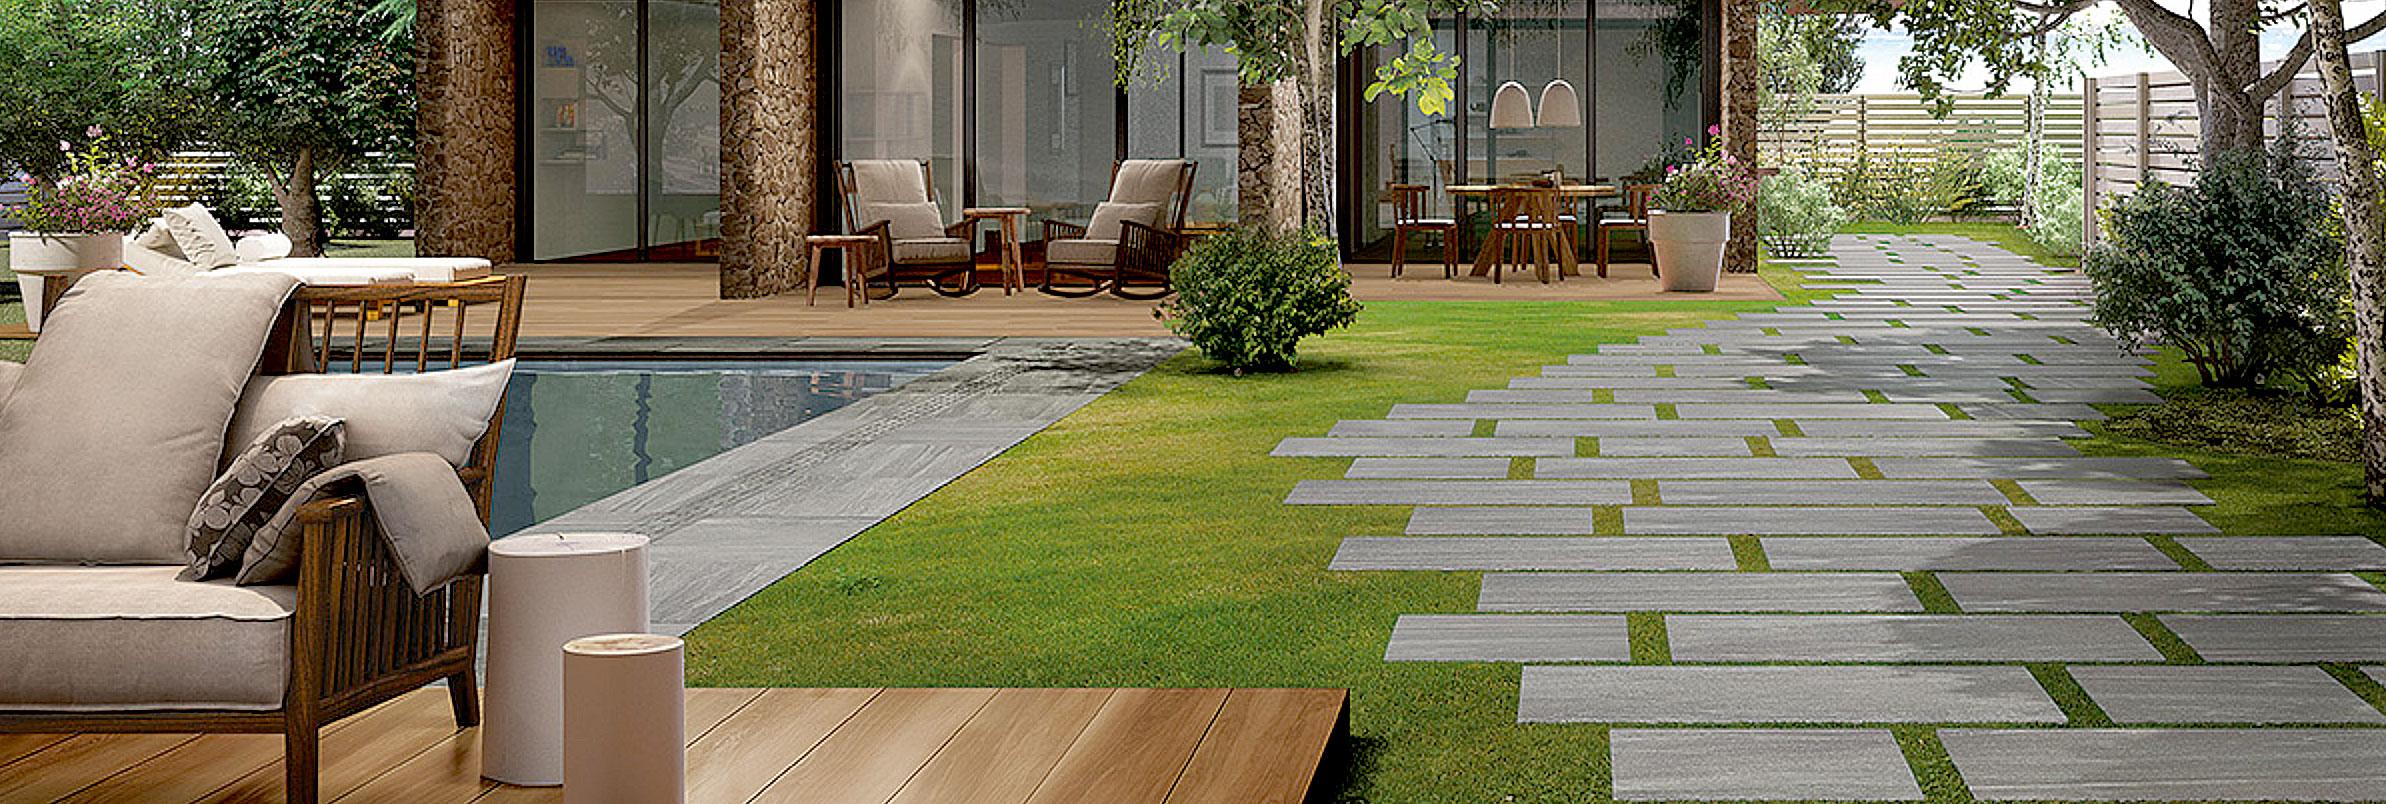 ditail-pavimento-soluciones-materiales-ceramicos2